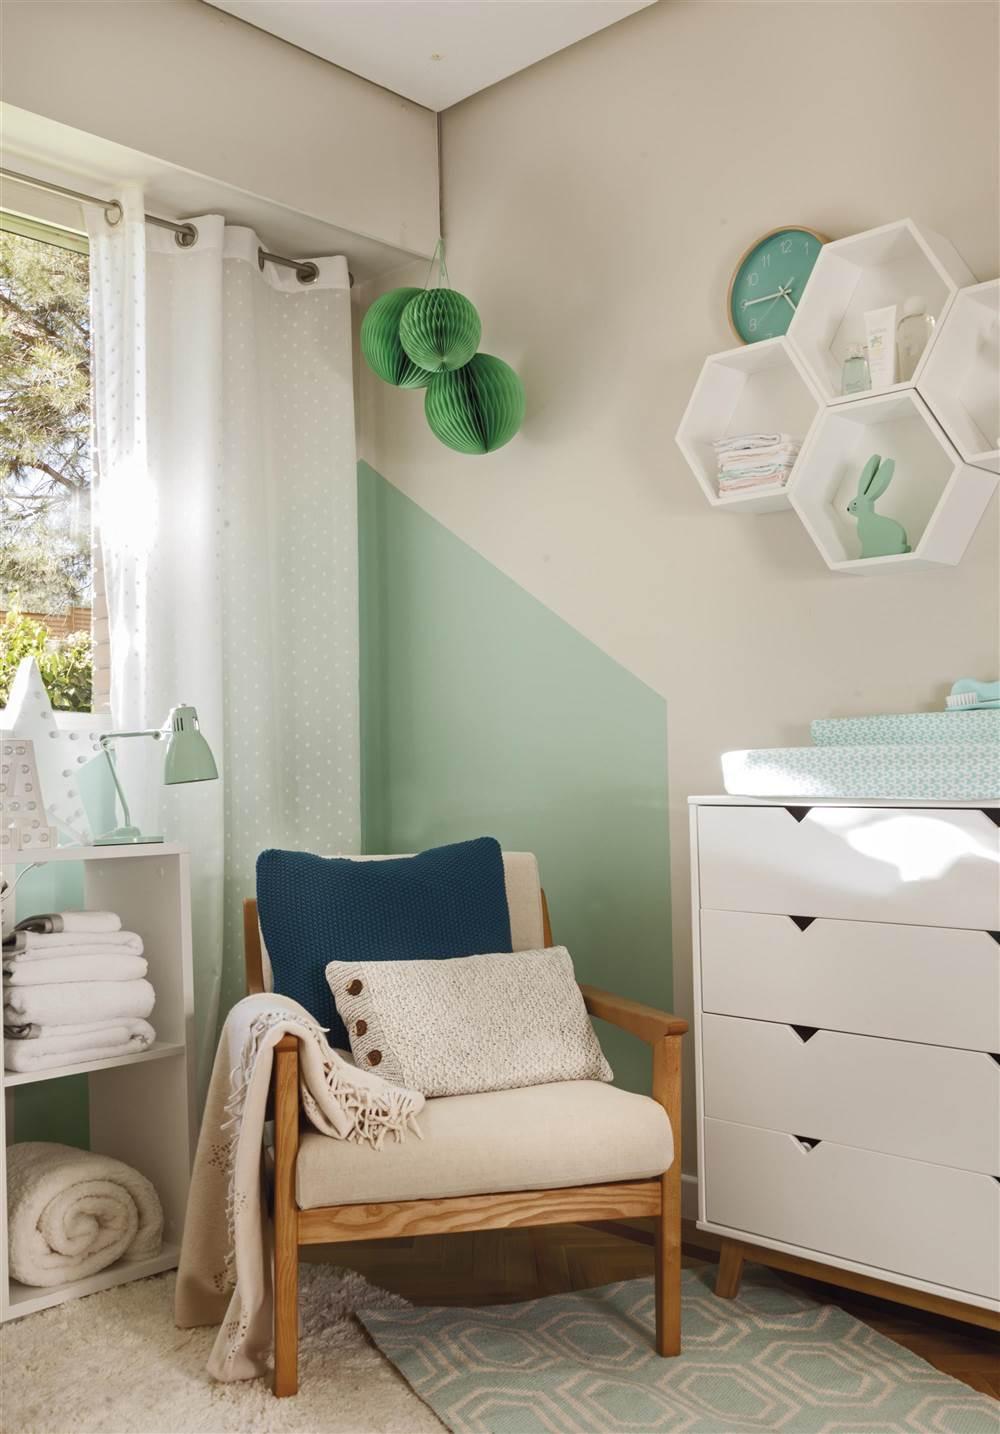 Un dormitorio para cada edad - Butacas para dormitorio ...